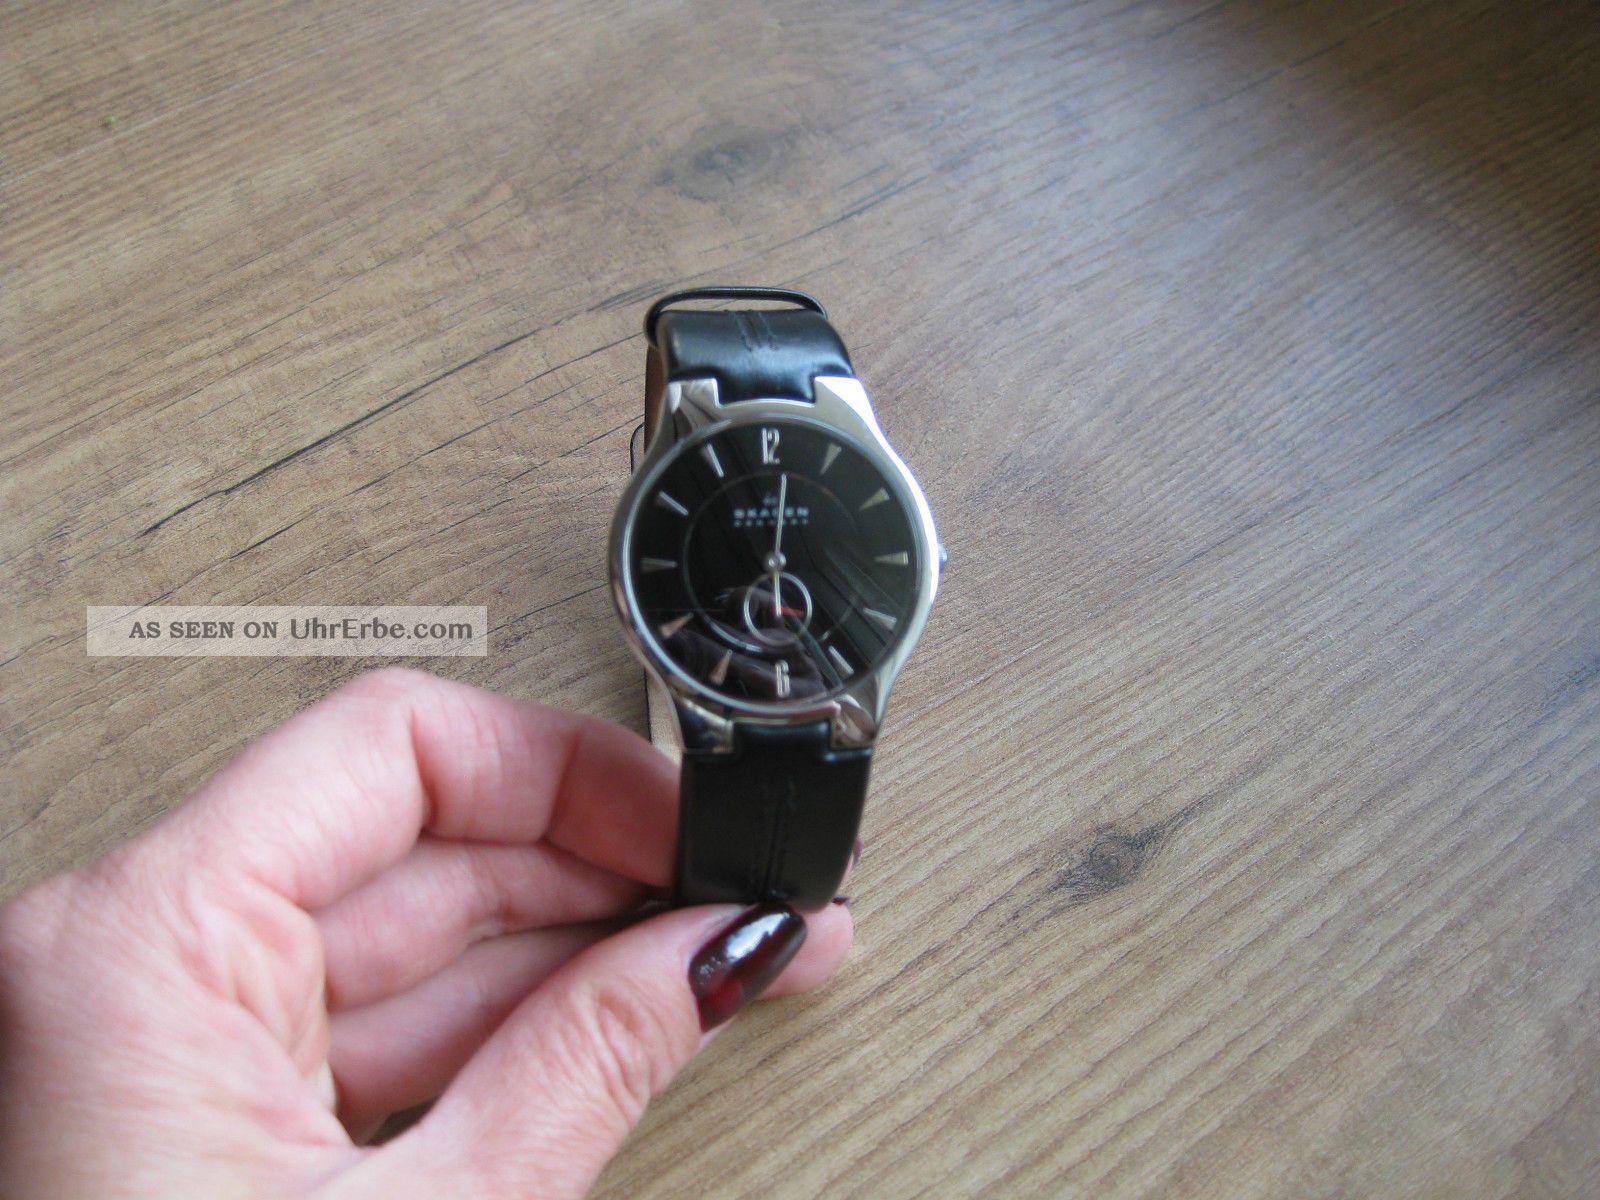 Skagen Herrenuhtr Armbanduhren Bild